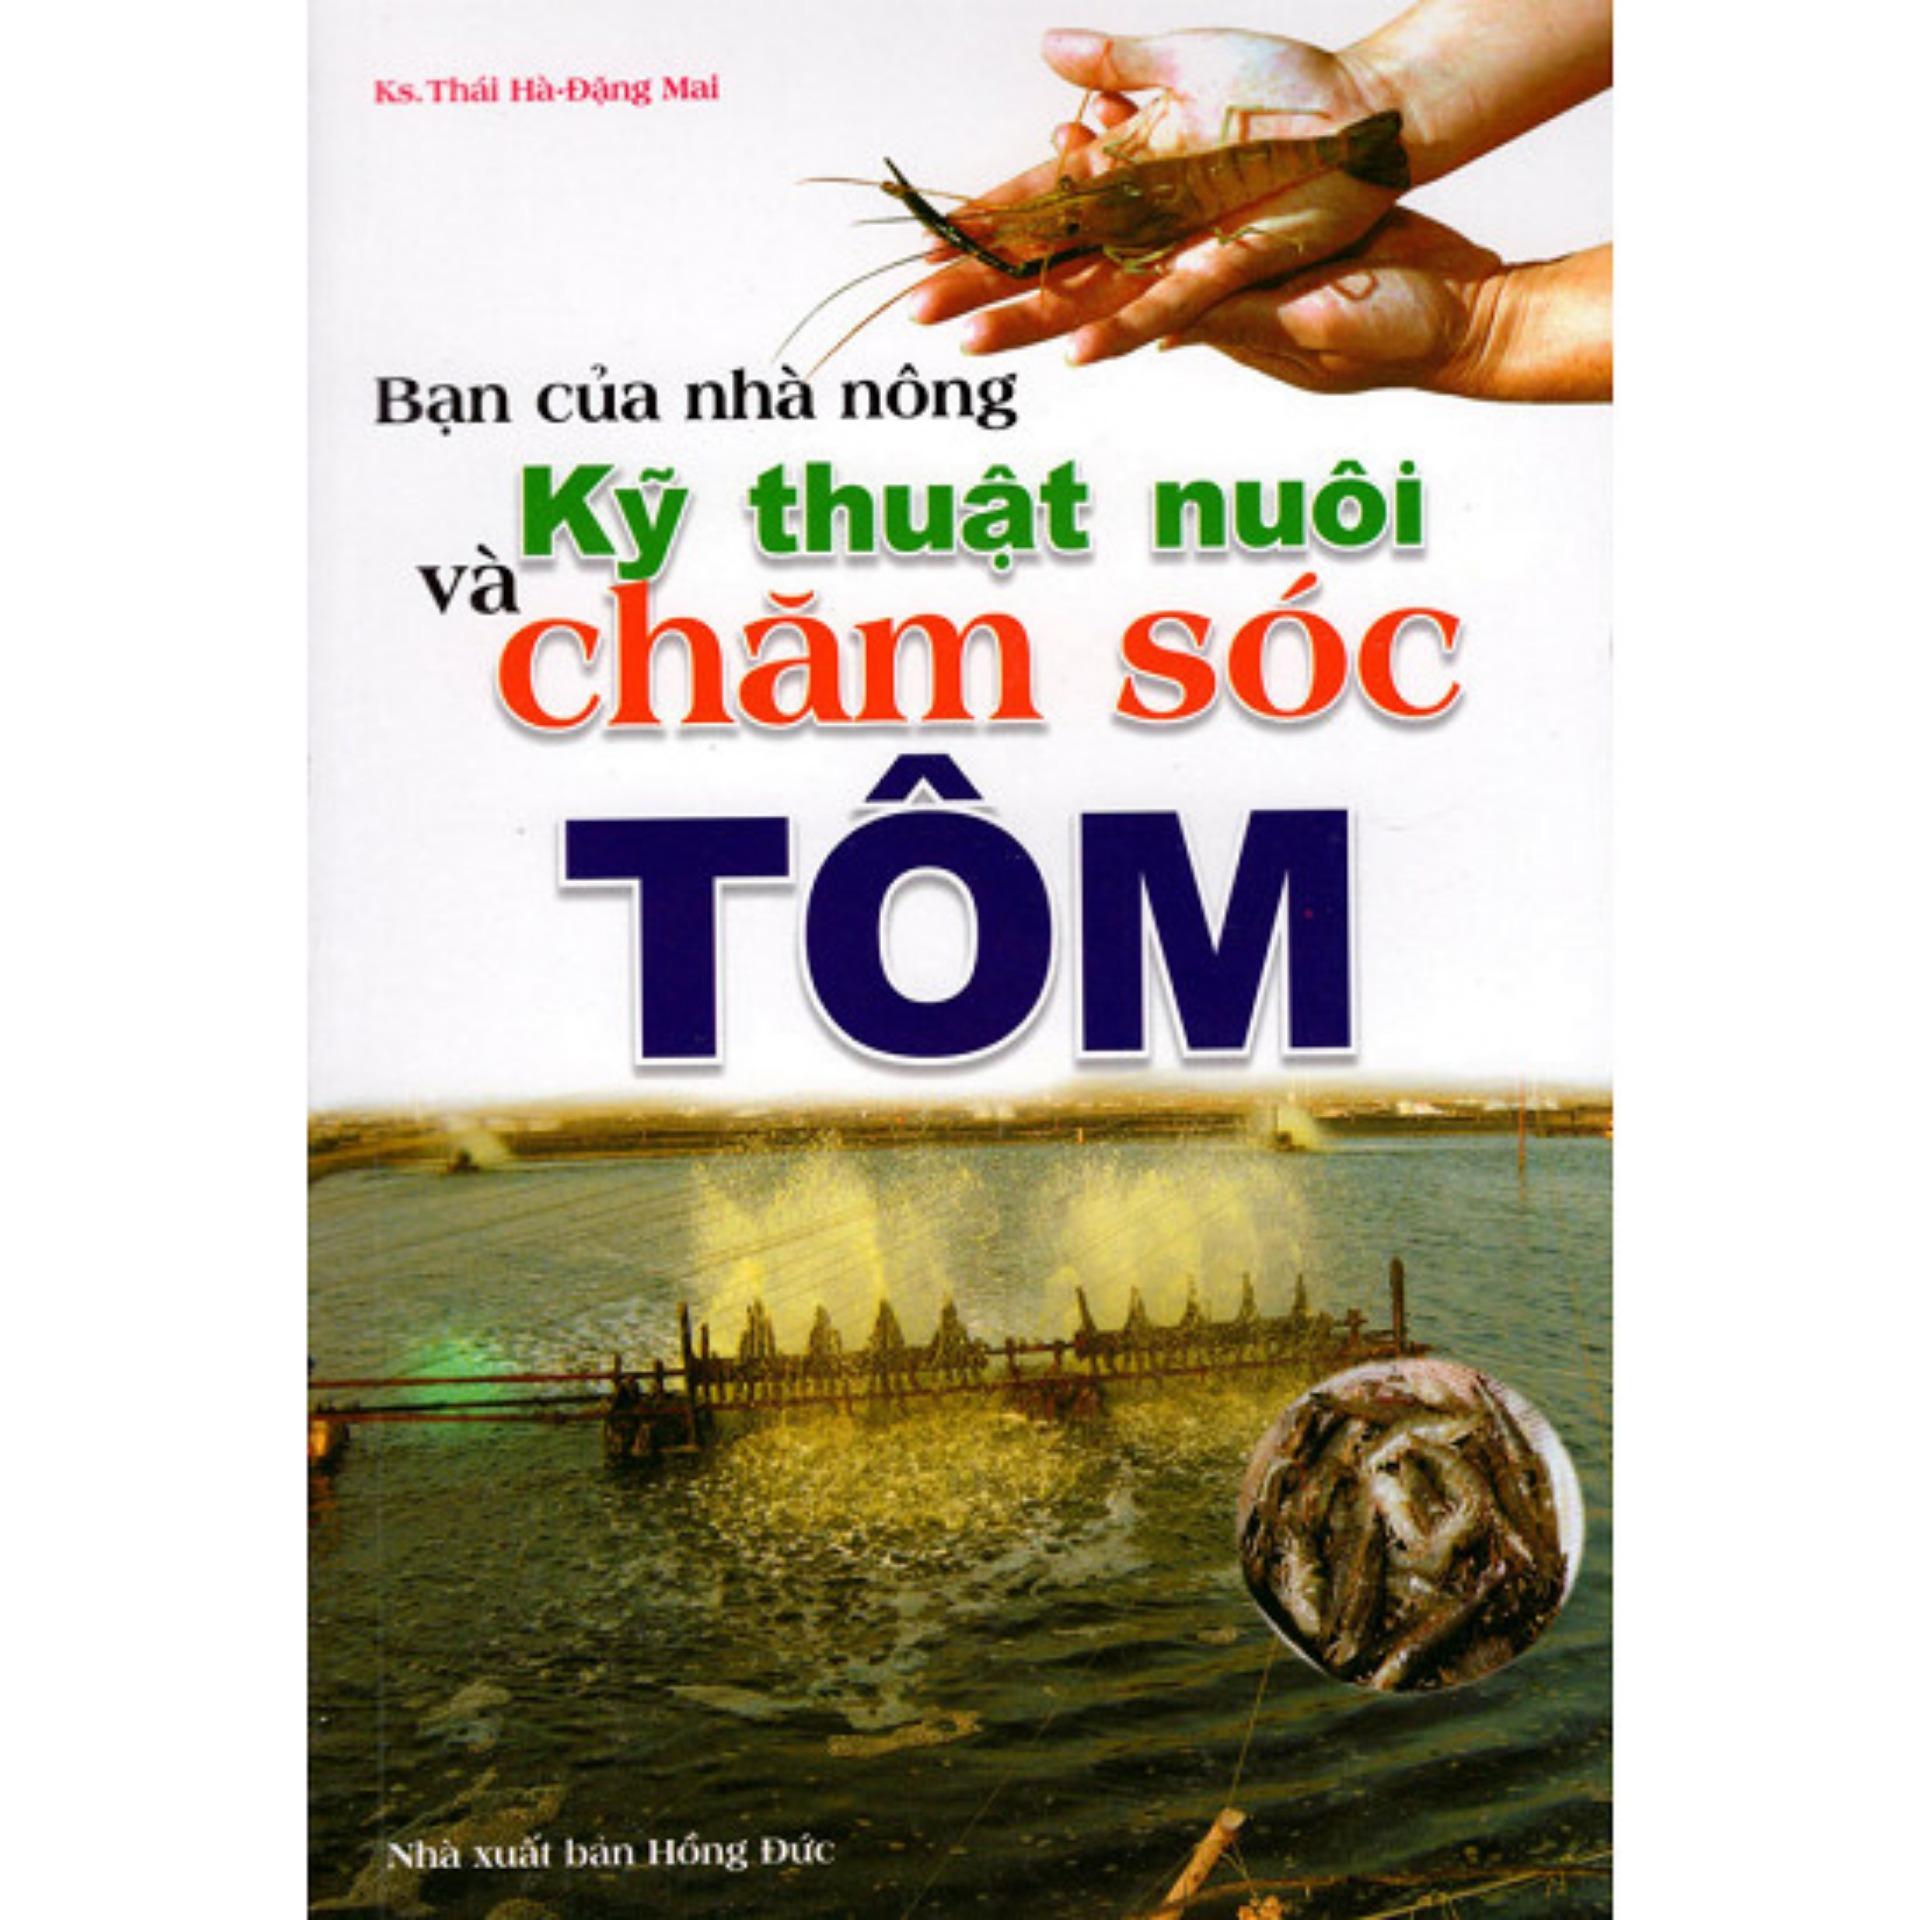 Mua Bạn Của Nhà Nộng - Kỹ Thuật Nuôi Và Chăm Sóc Tôm